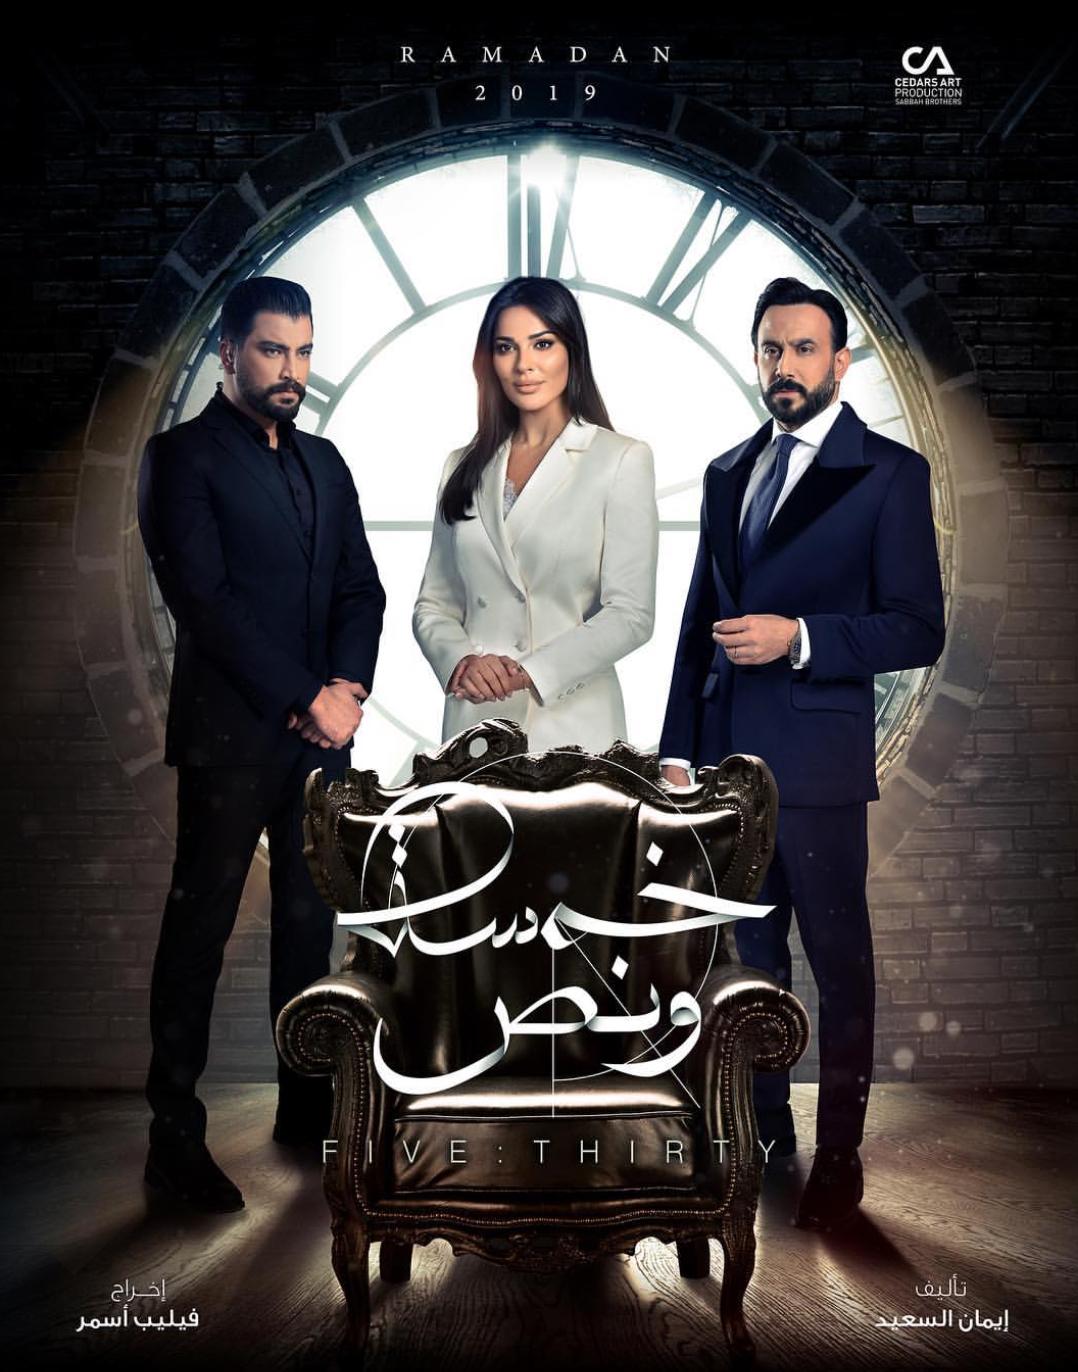 صور أبطال ونجوم مسلسل خمسة ونص رمضان 2019